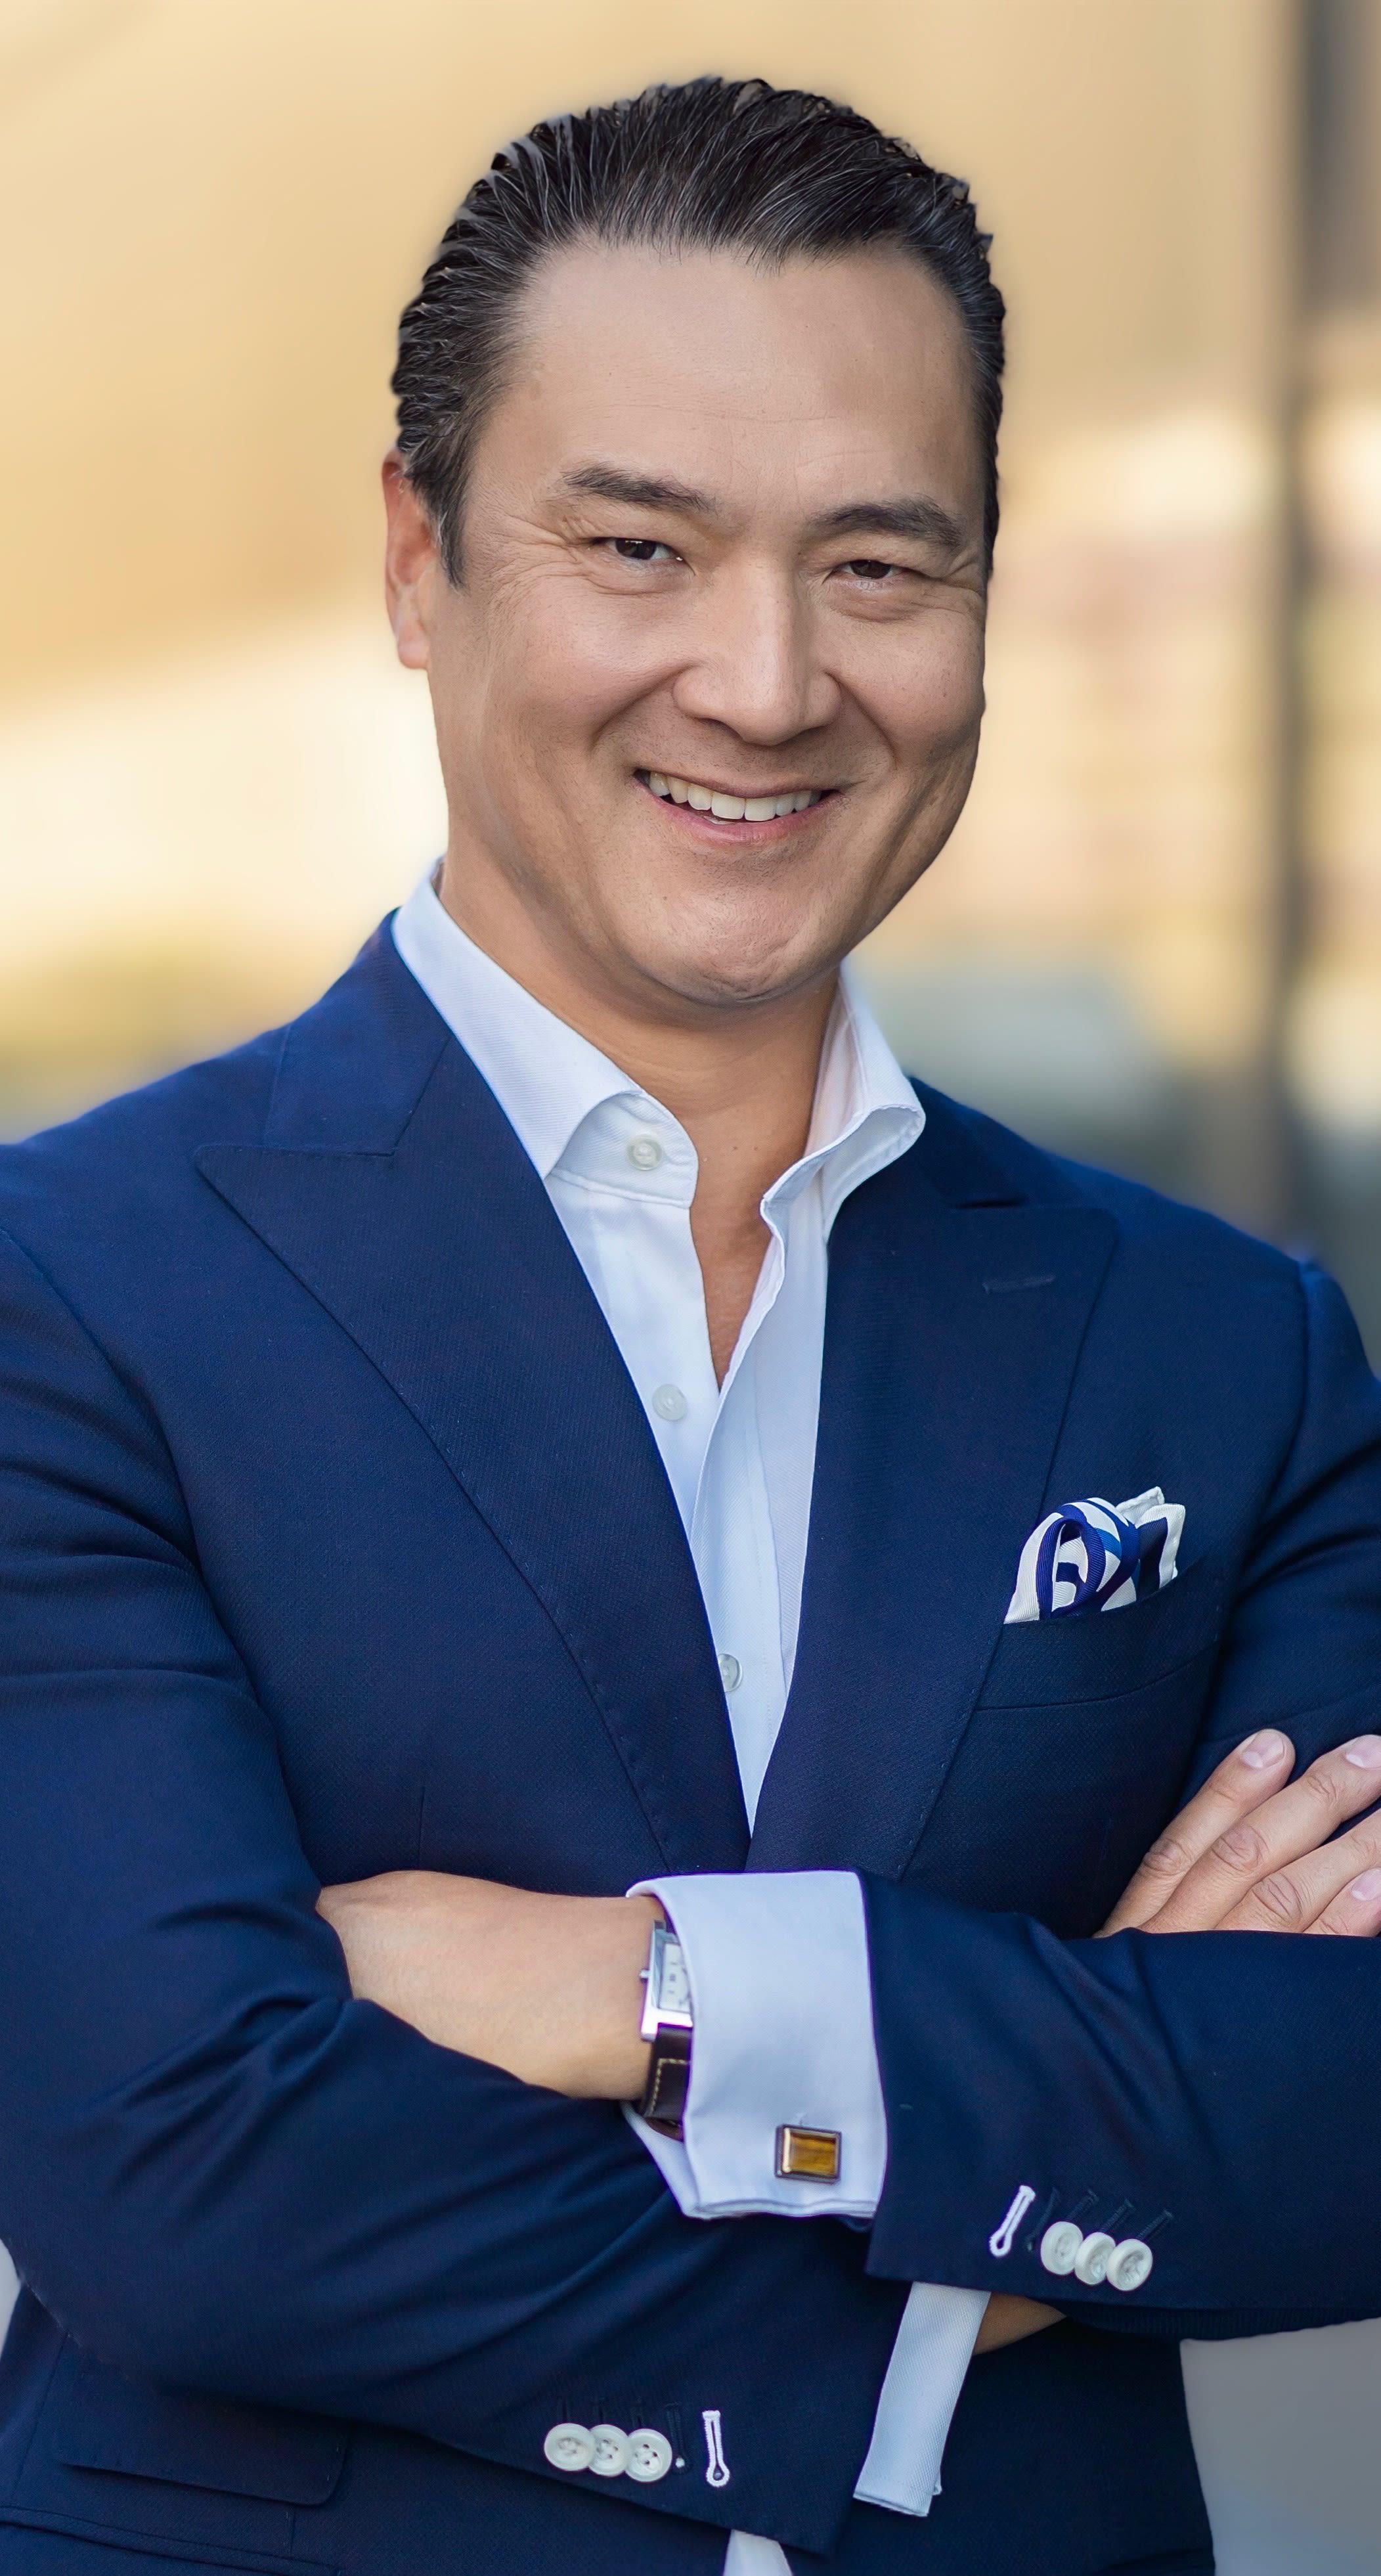 Darren Sugiyama